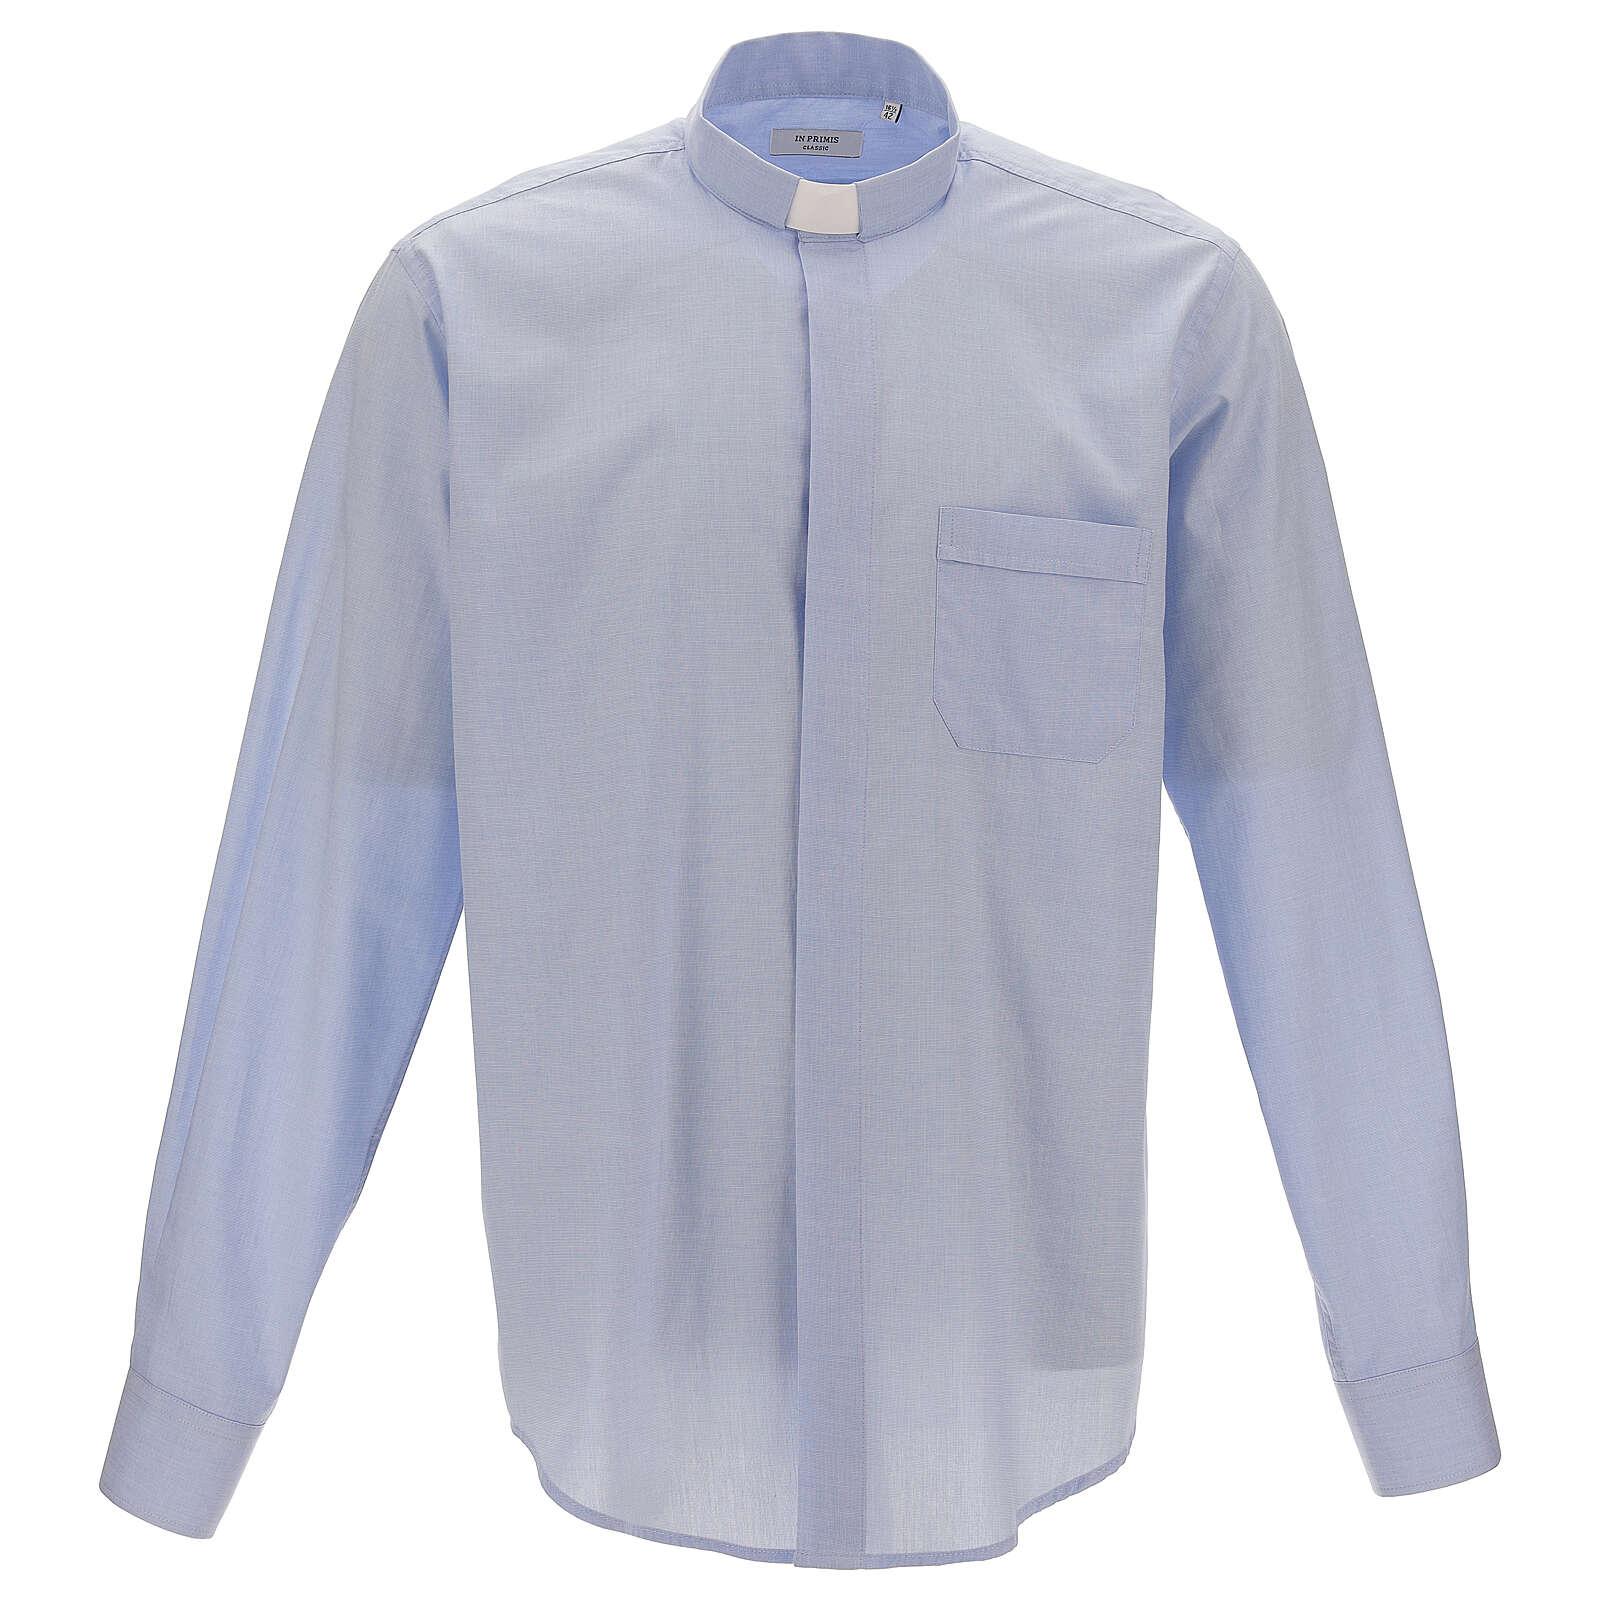 Koszula kapłańska fil a fil błękitna długi rękaw | sprzedaż  F1X0I